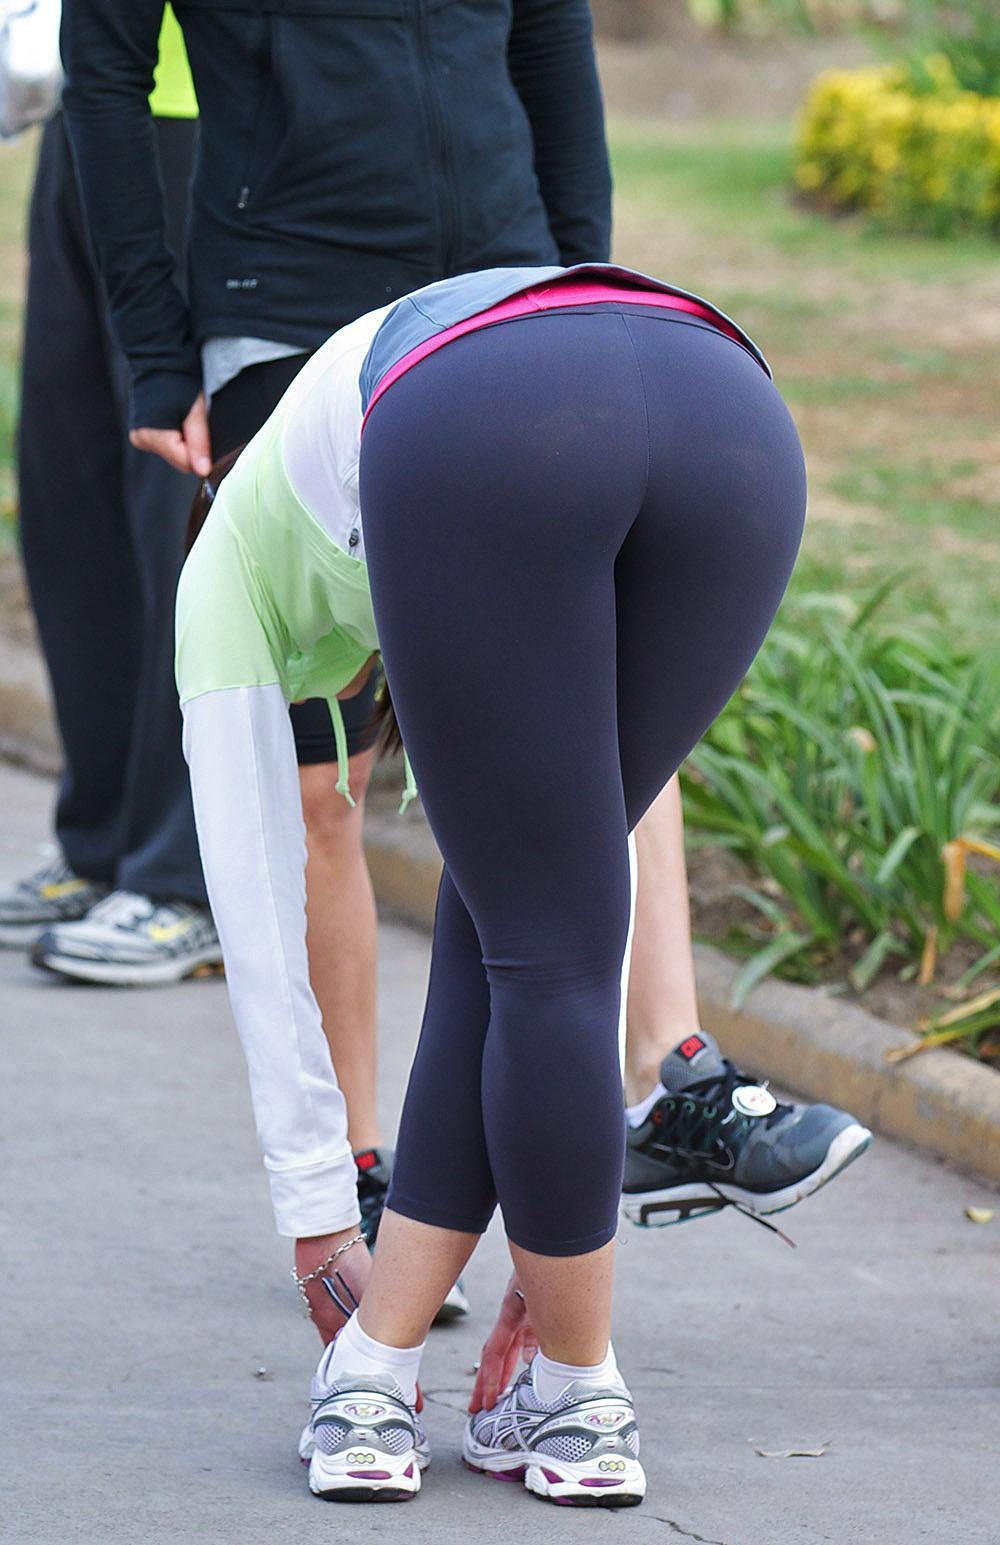 スパッツとかレギンス履いてる女体に視線行ってしまう街撮りエロ画像 41xH